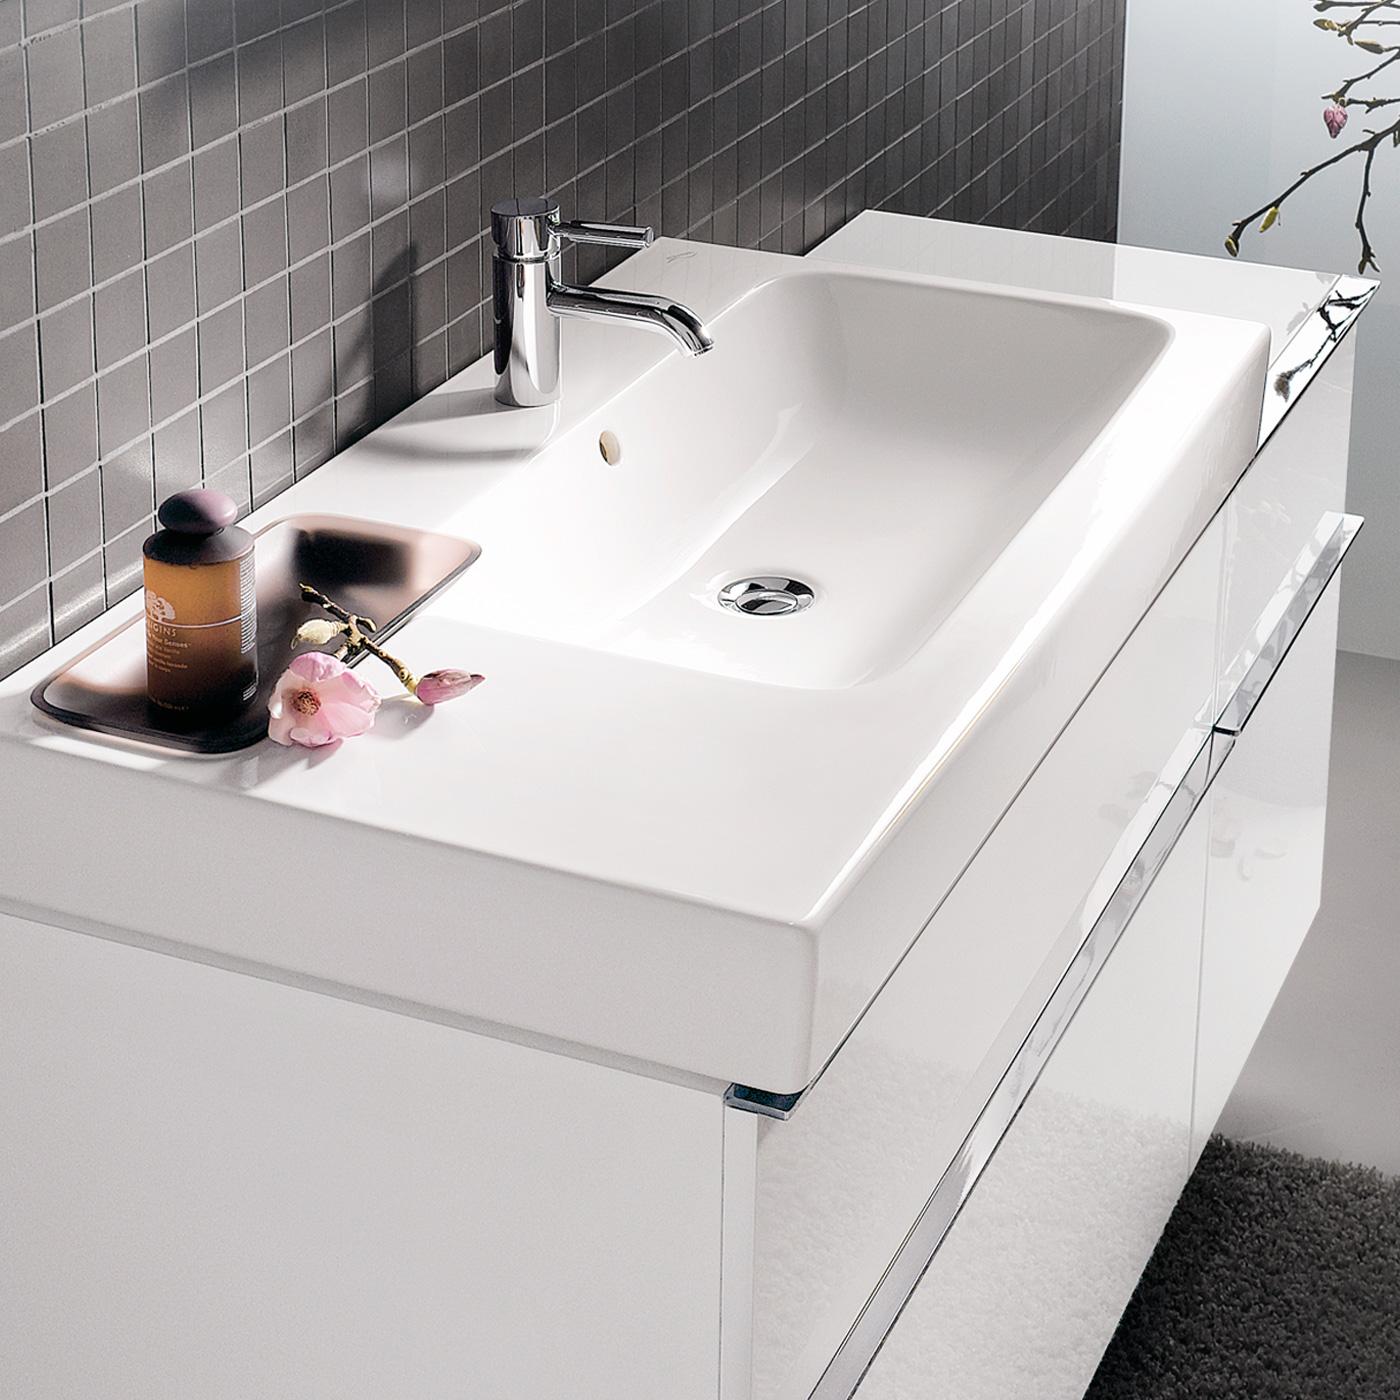 keramag icon waschtisch mit dekoschale wei 124195000. Black Bedroom Furniture Sets. Home Design Ideas